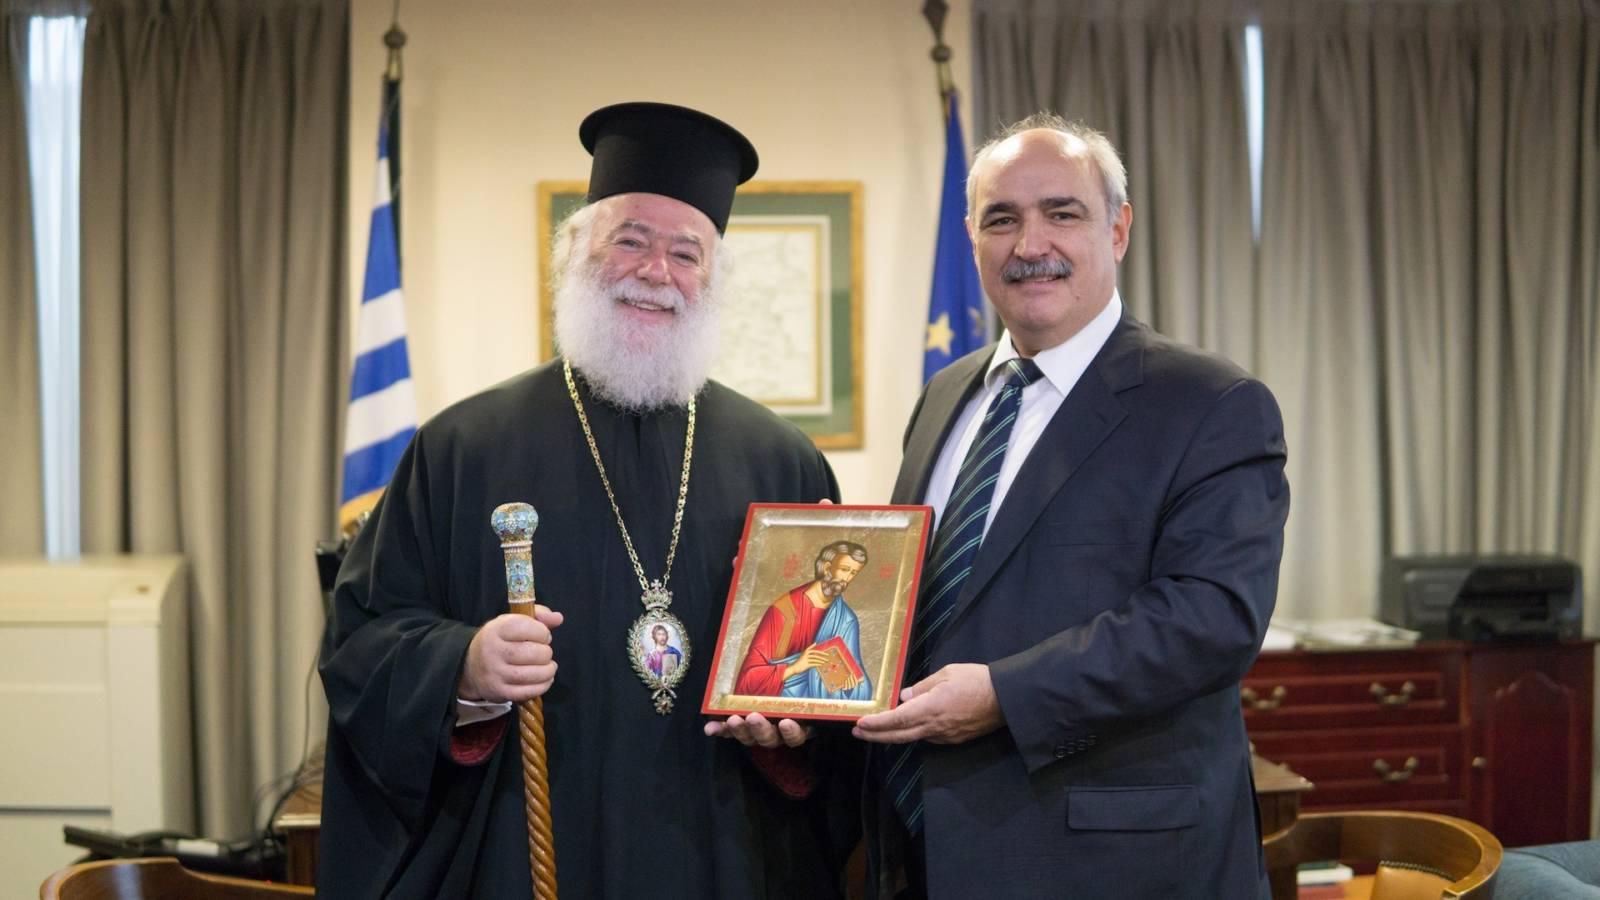 Συνάντηση Πατριάρχη Αλεξανδρείας με τον ΥΦΥΠΕΞ Μ. Μπόλαρη